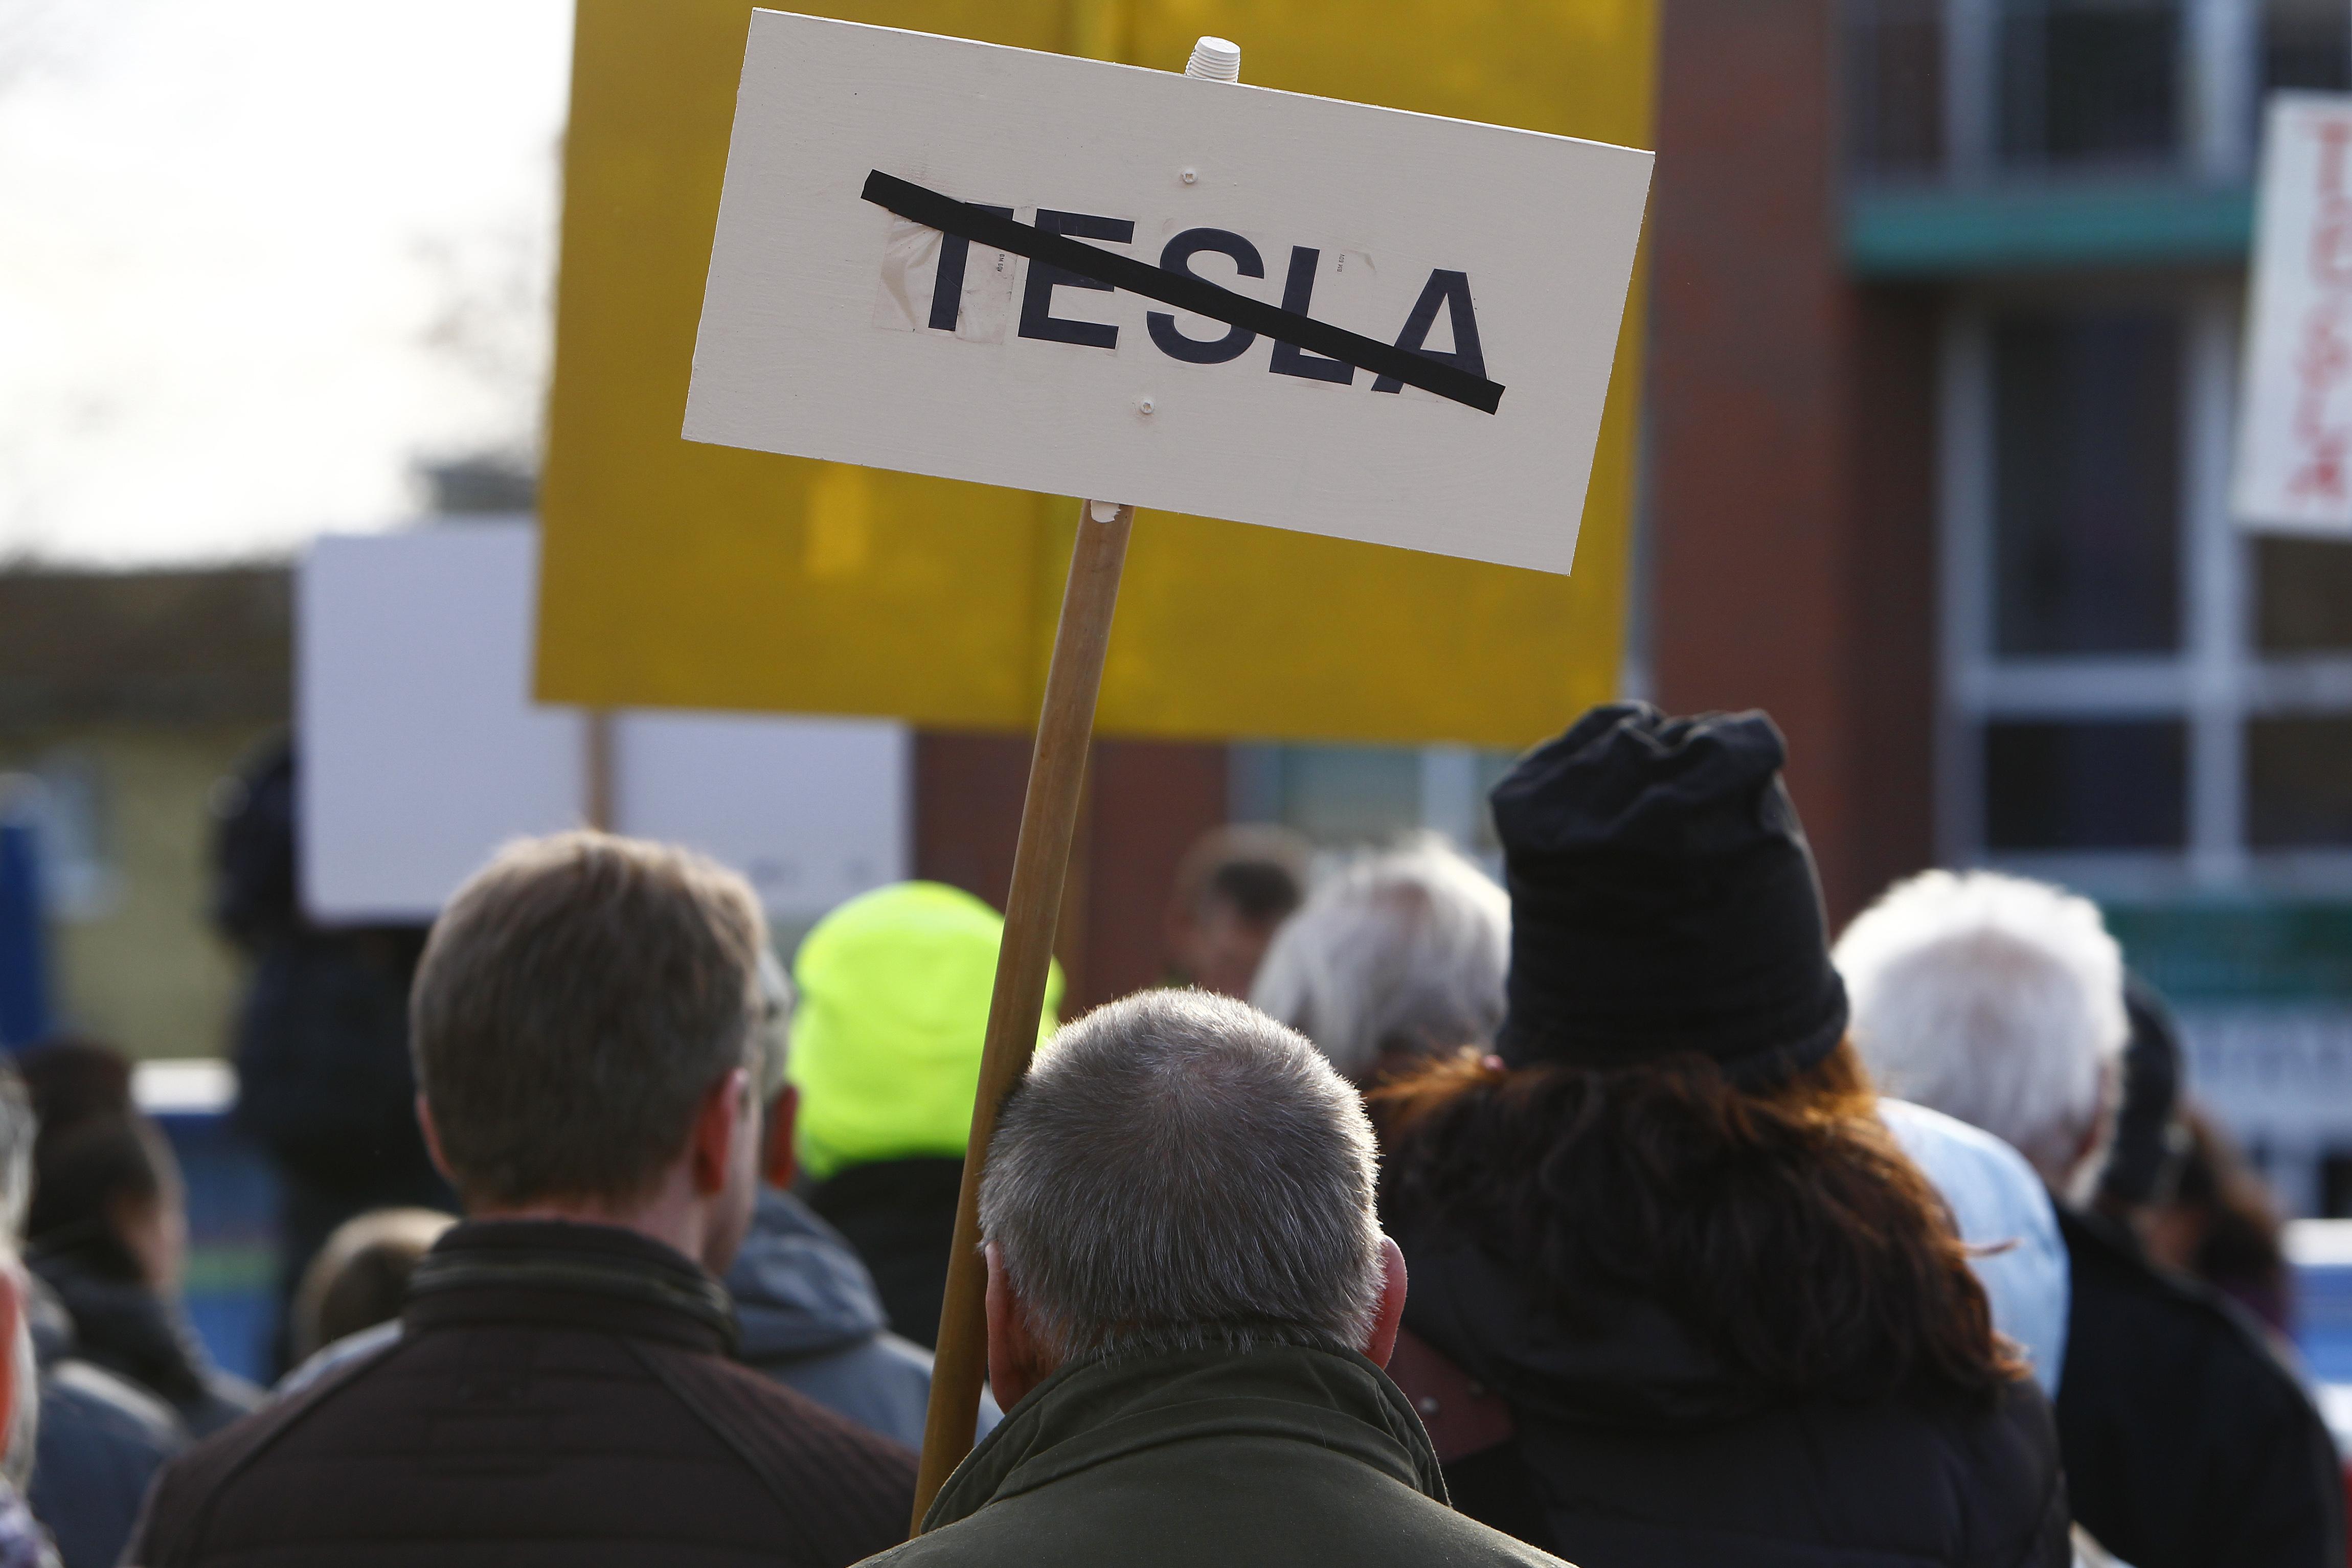 Protesters Demonstrate Against New Tesla Gigafactory In Gr¸nheide